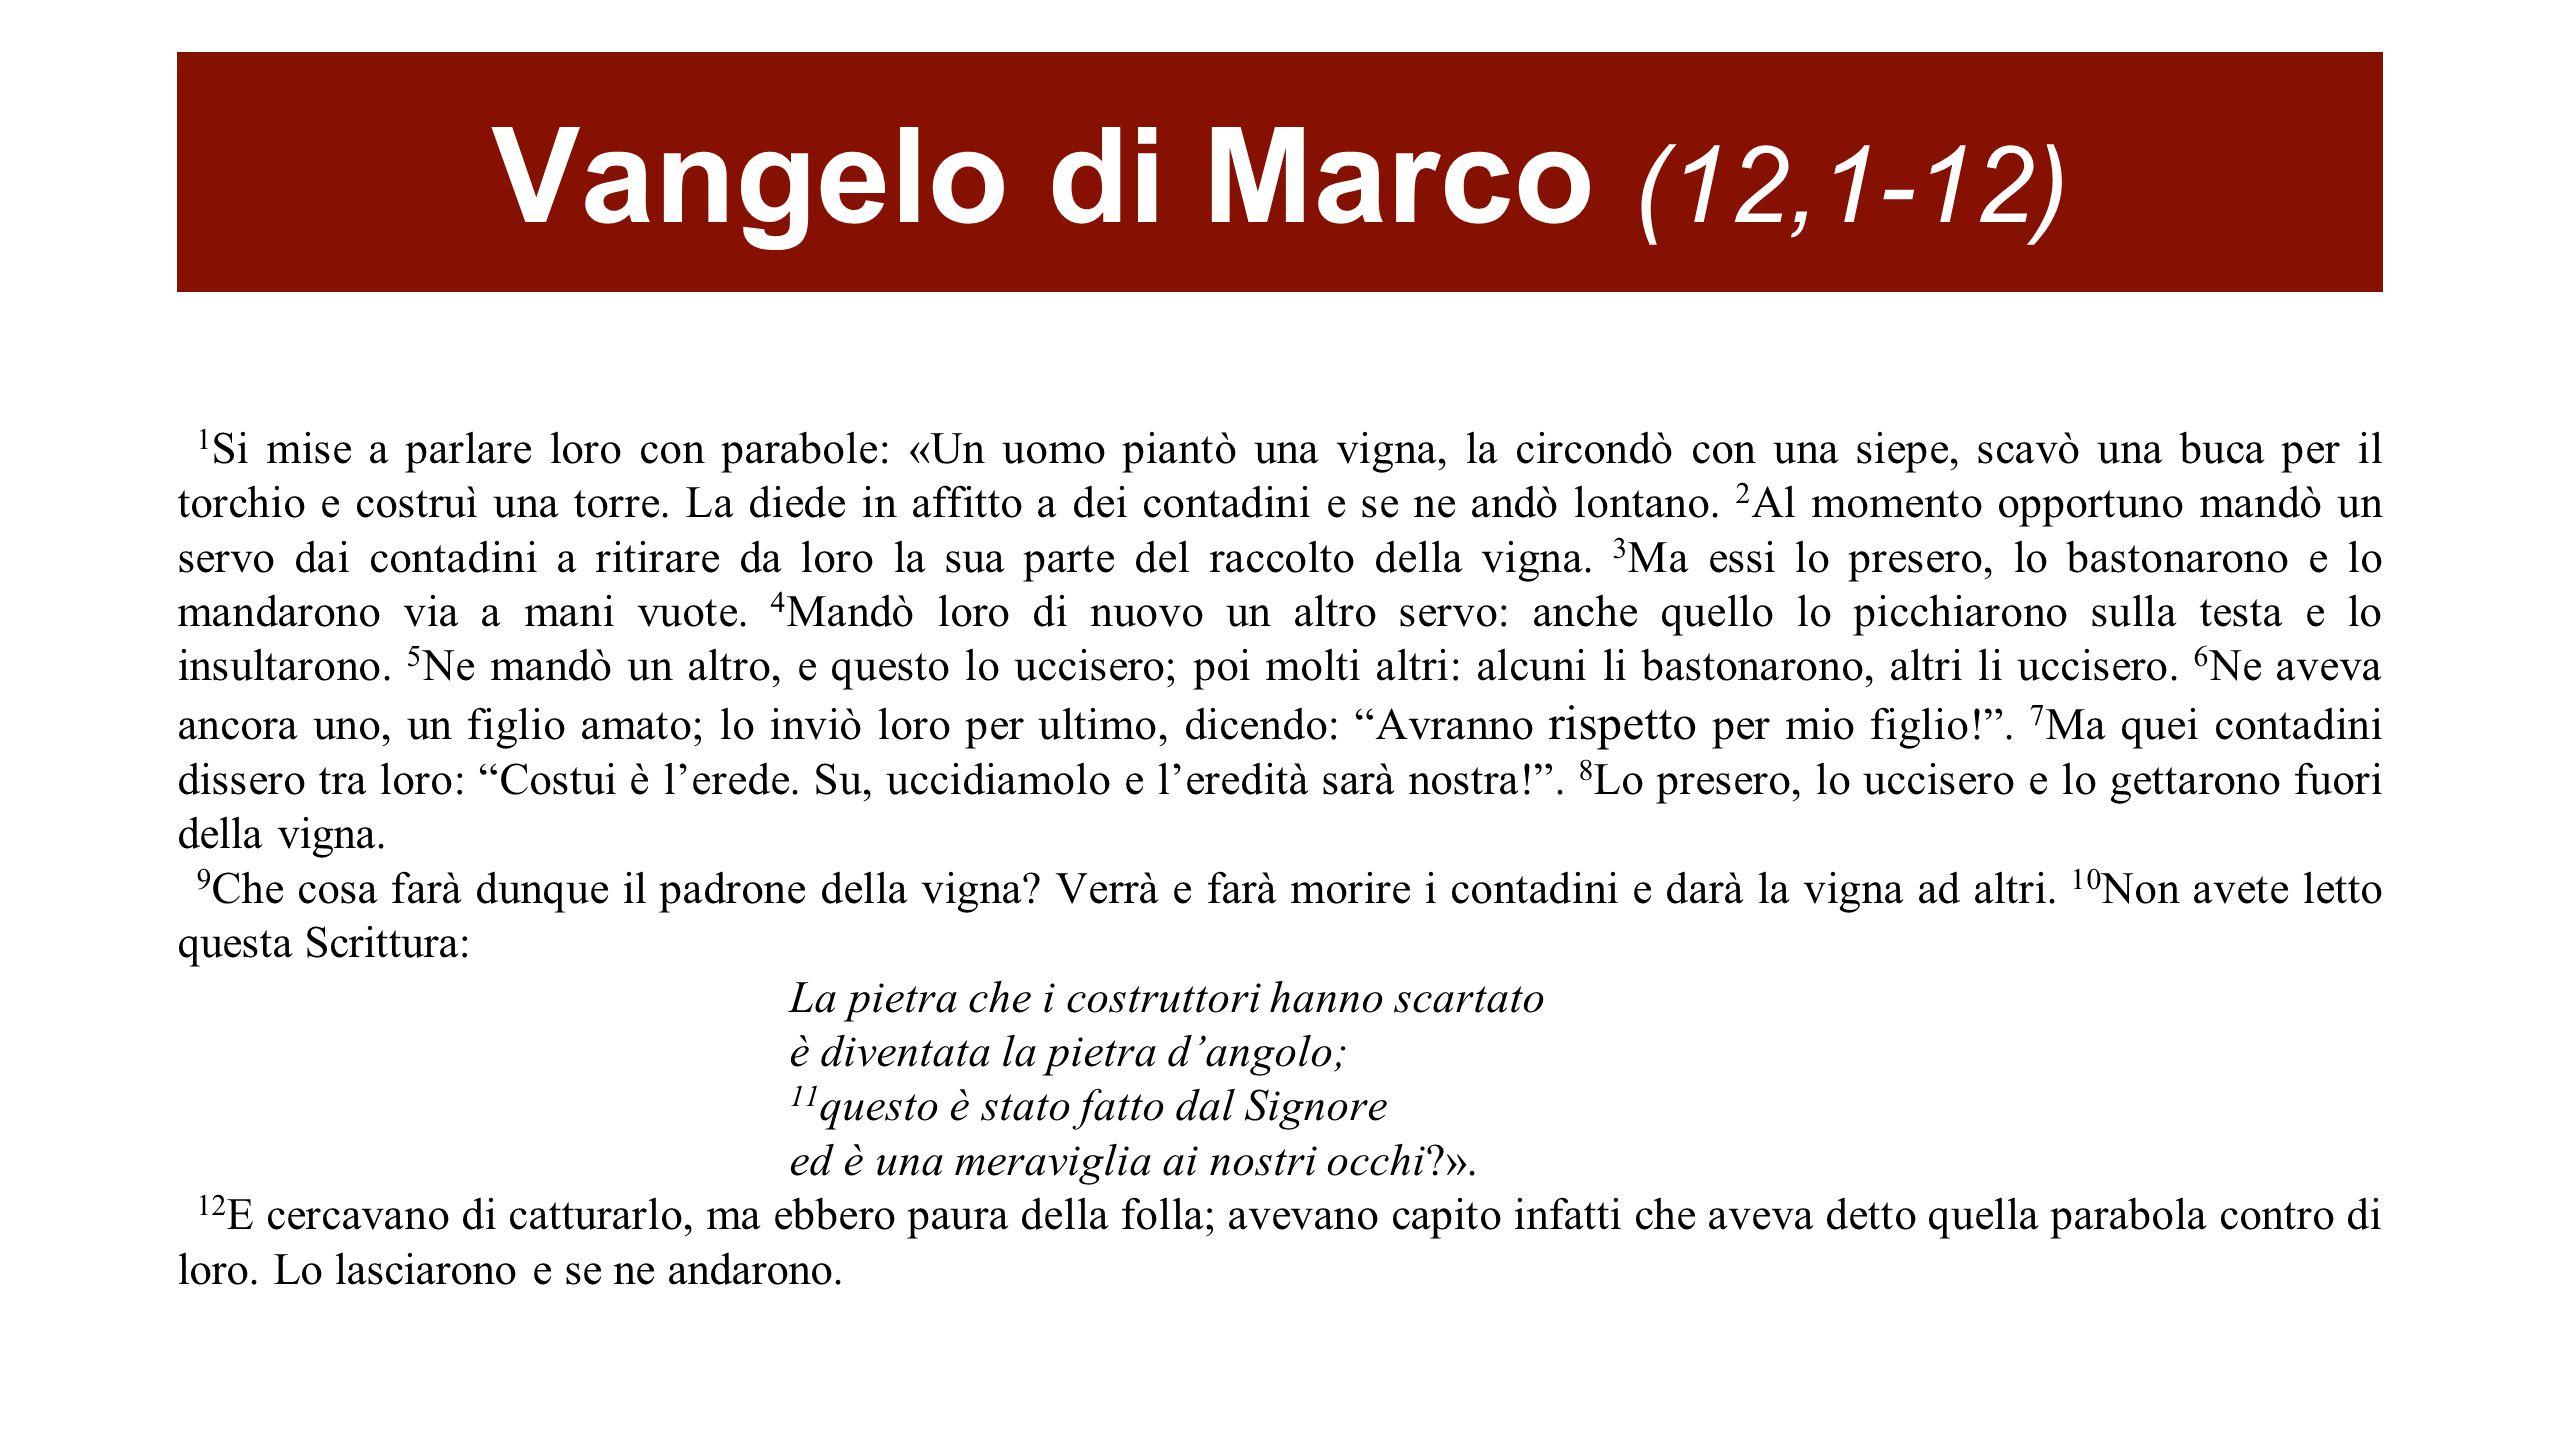 Vangelo di Marco (12,1-12)